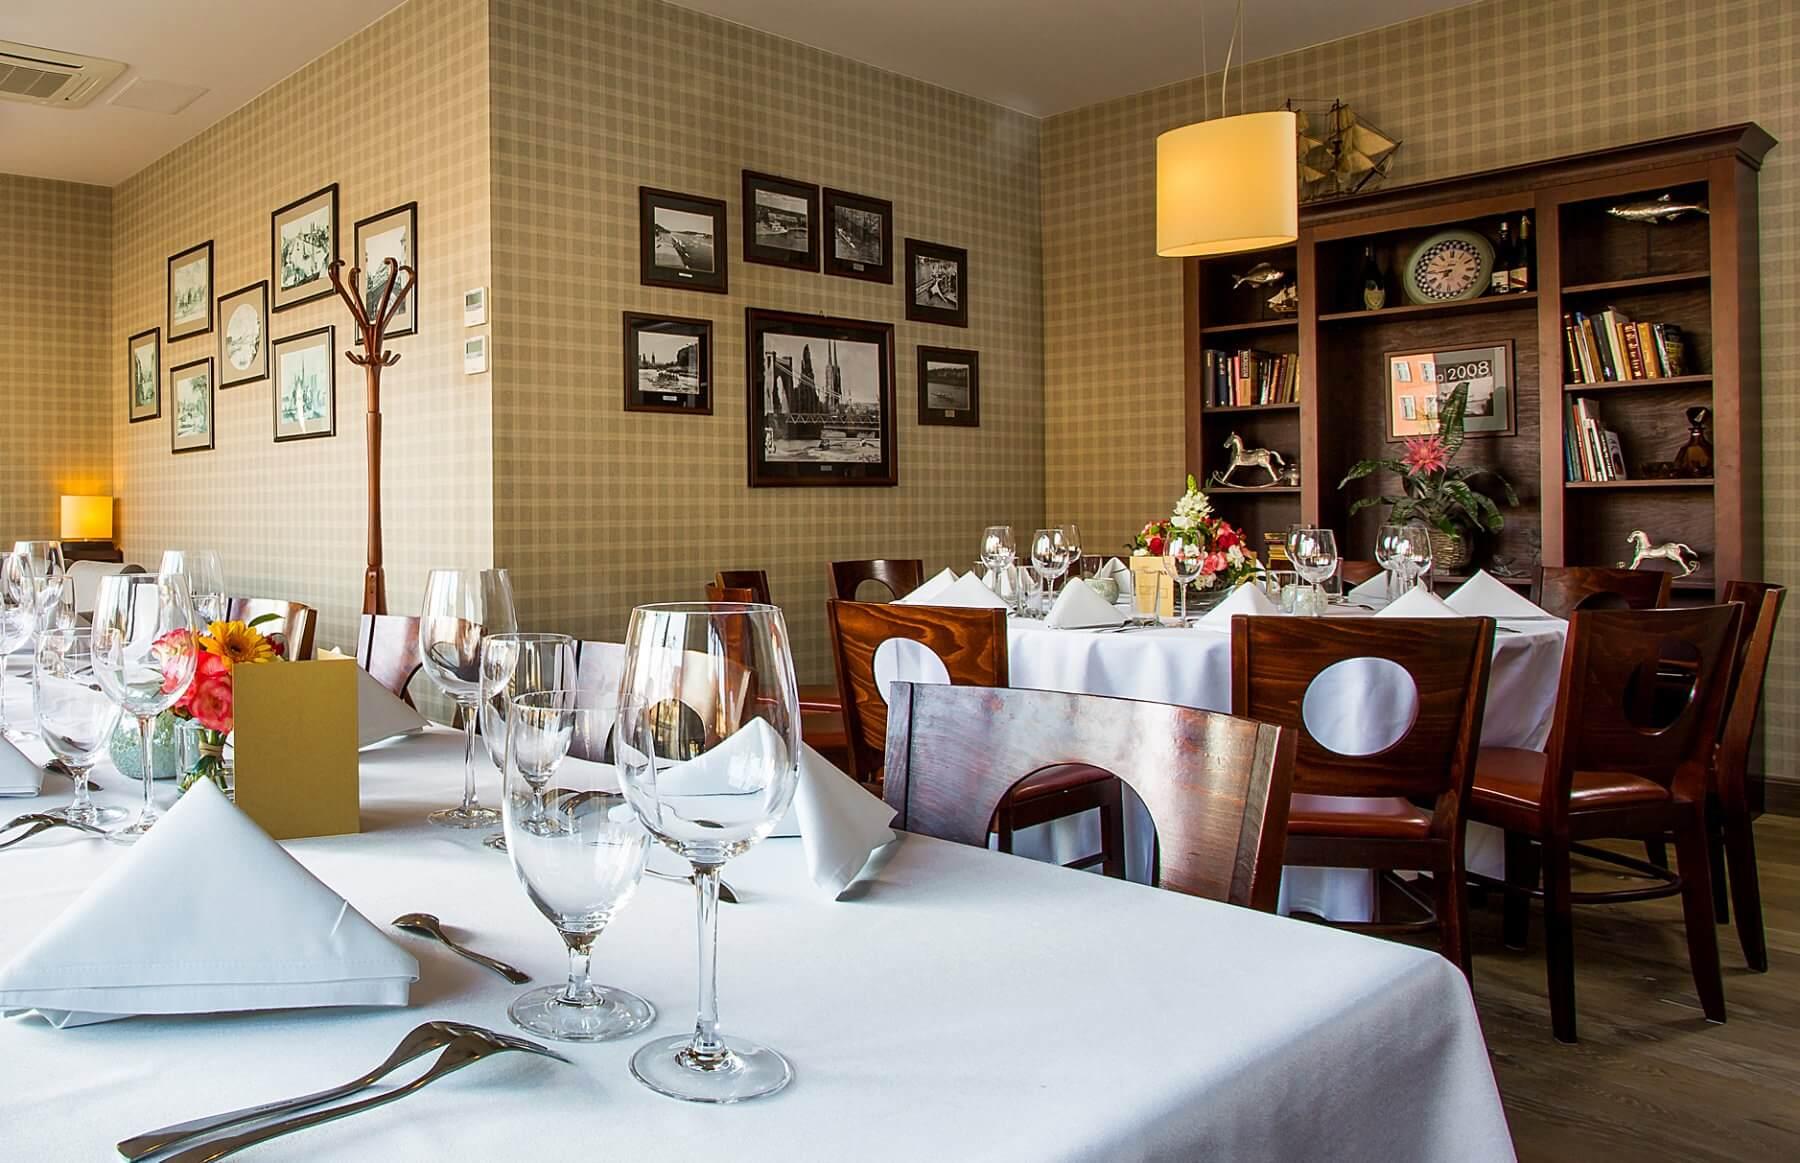 włoska kuchnia kolacja dla pary